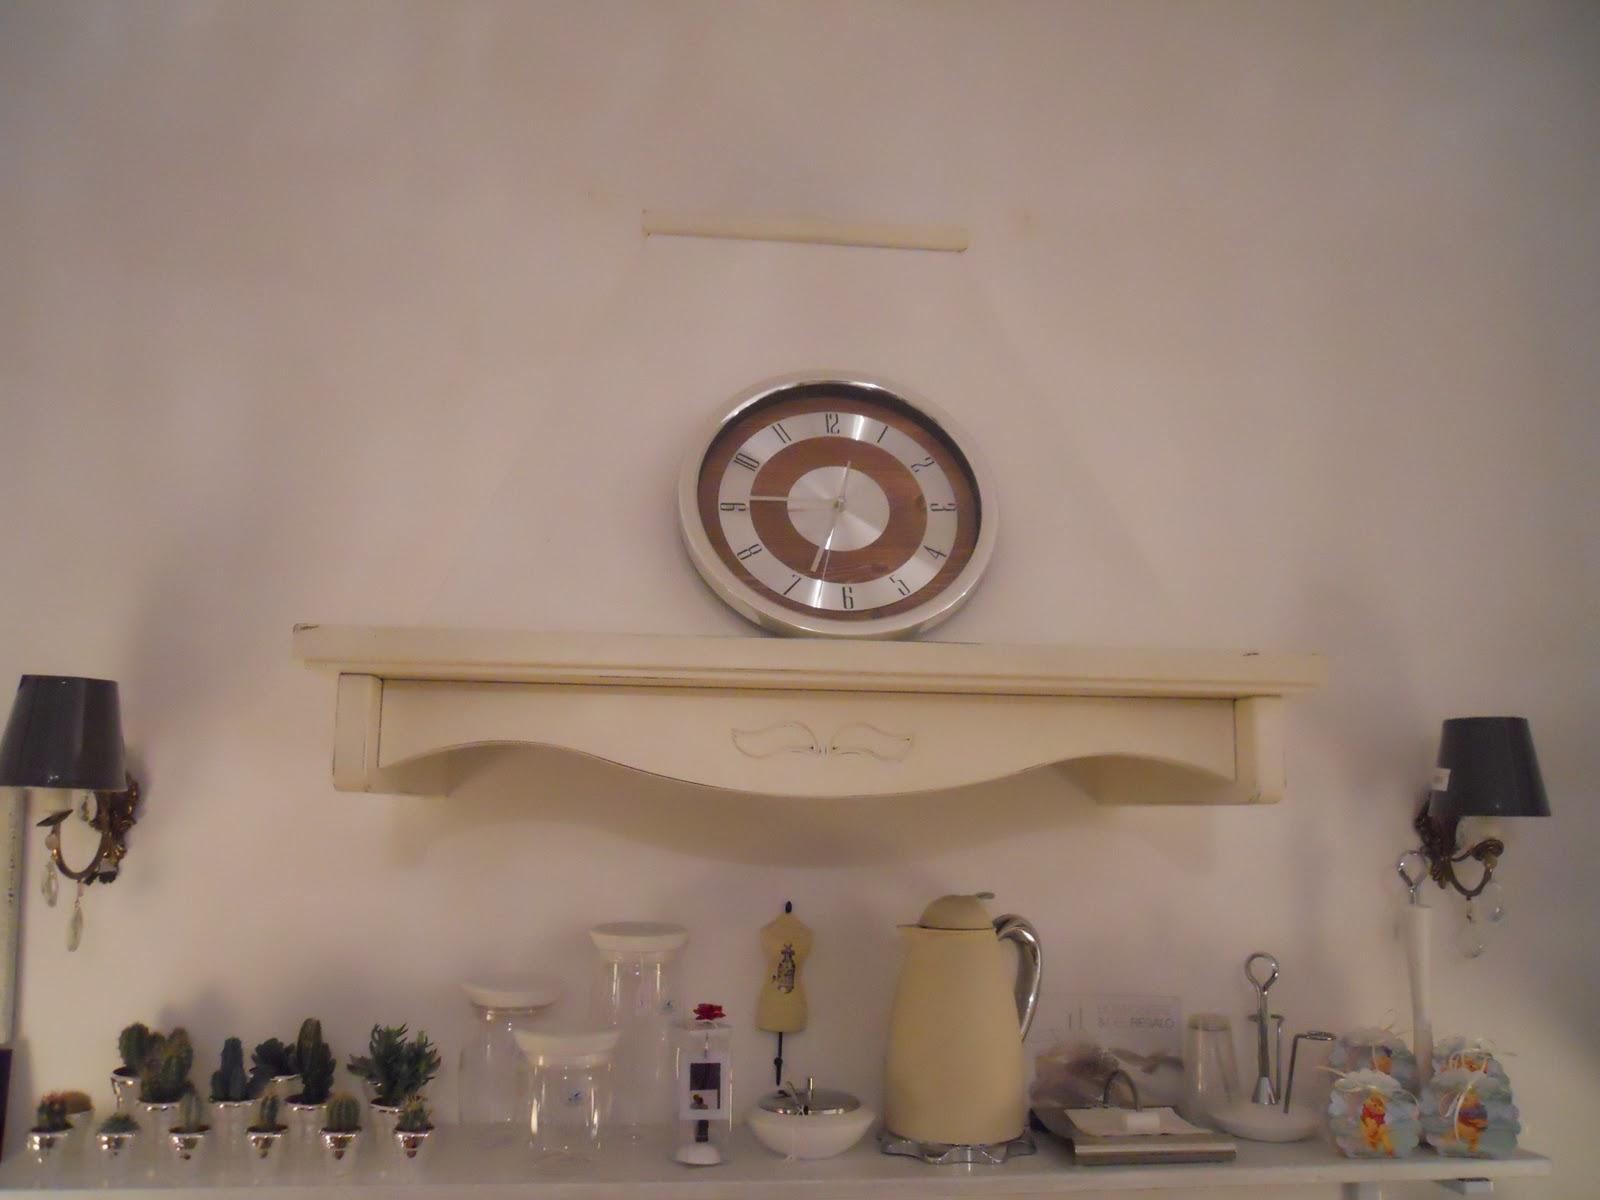 Best Cappe Aspiranti Per Cucina Da Incasso Gallery - bakeroffroad ...